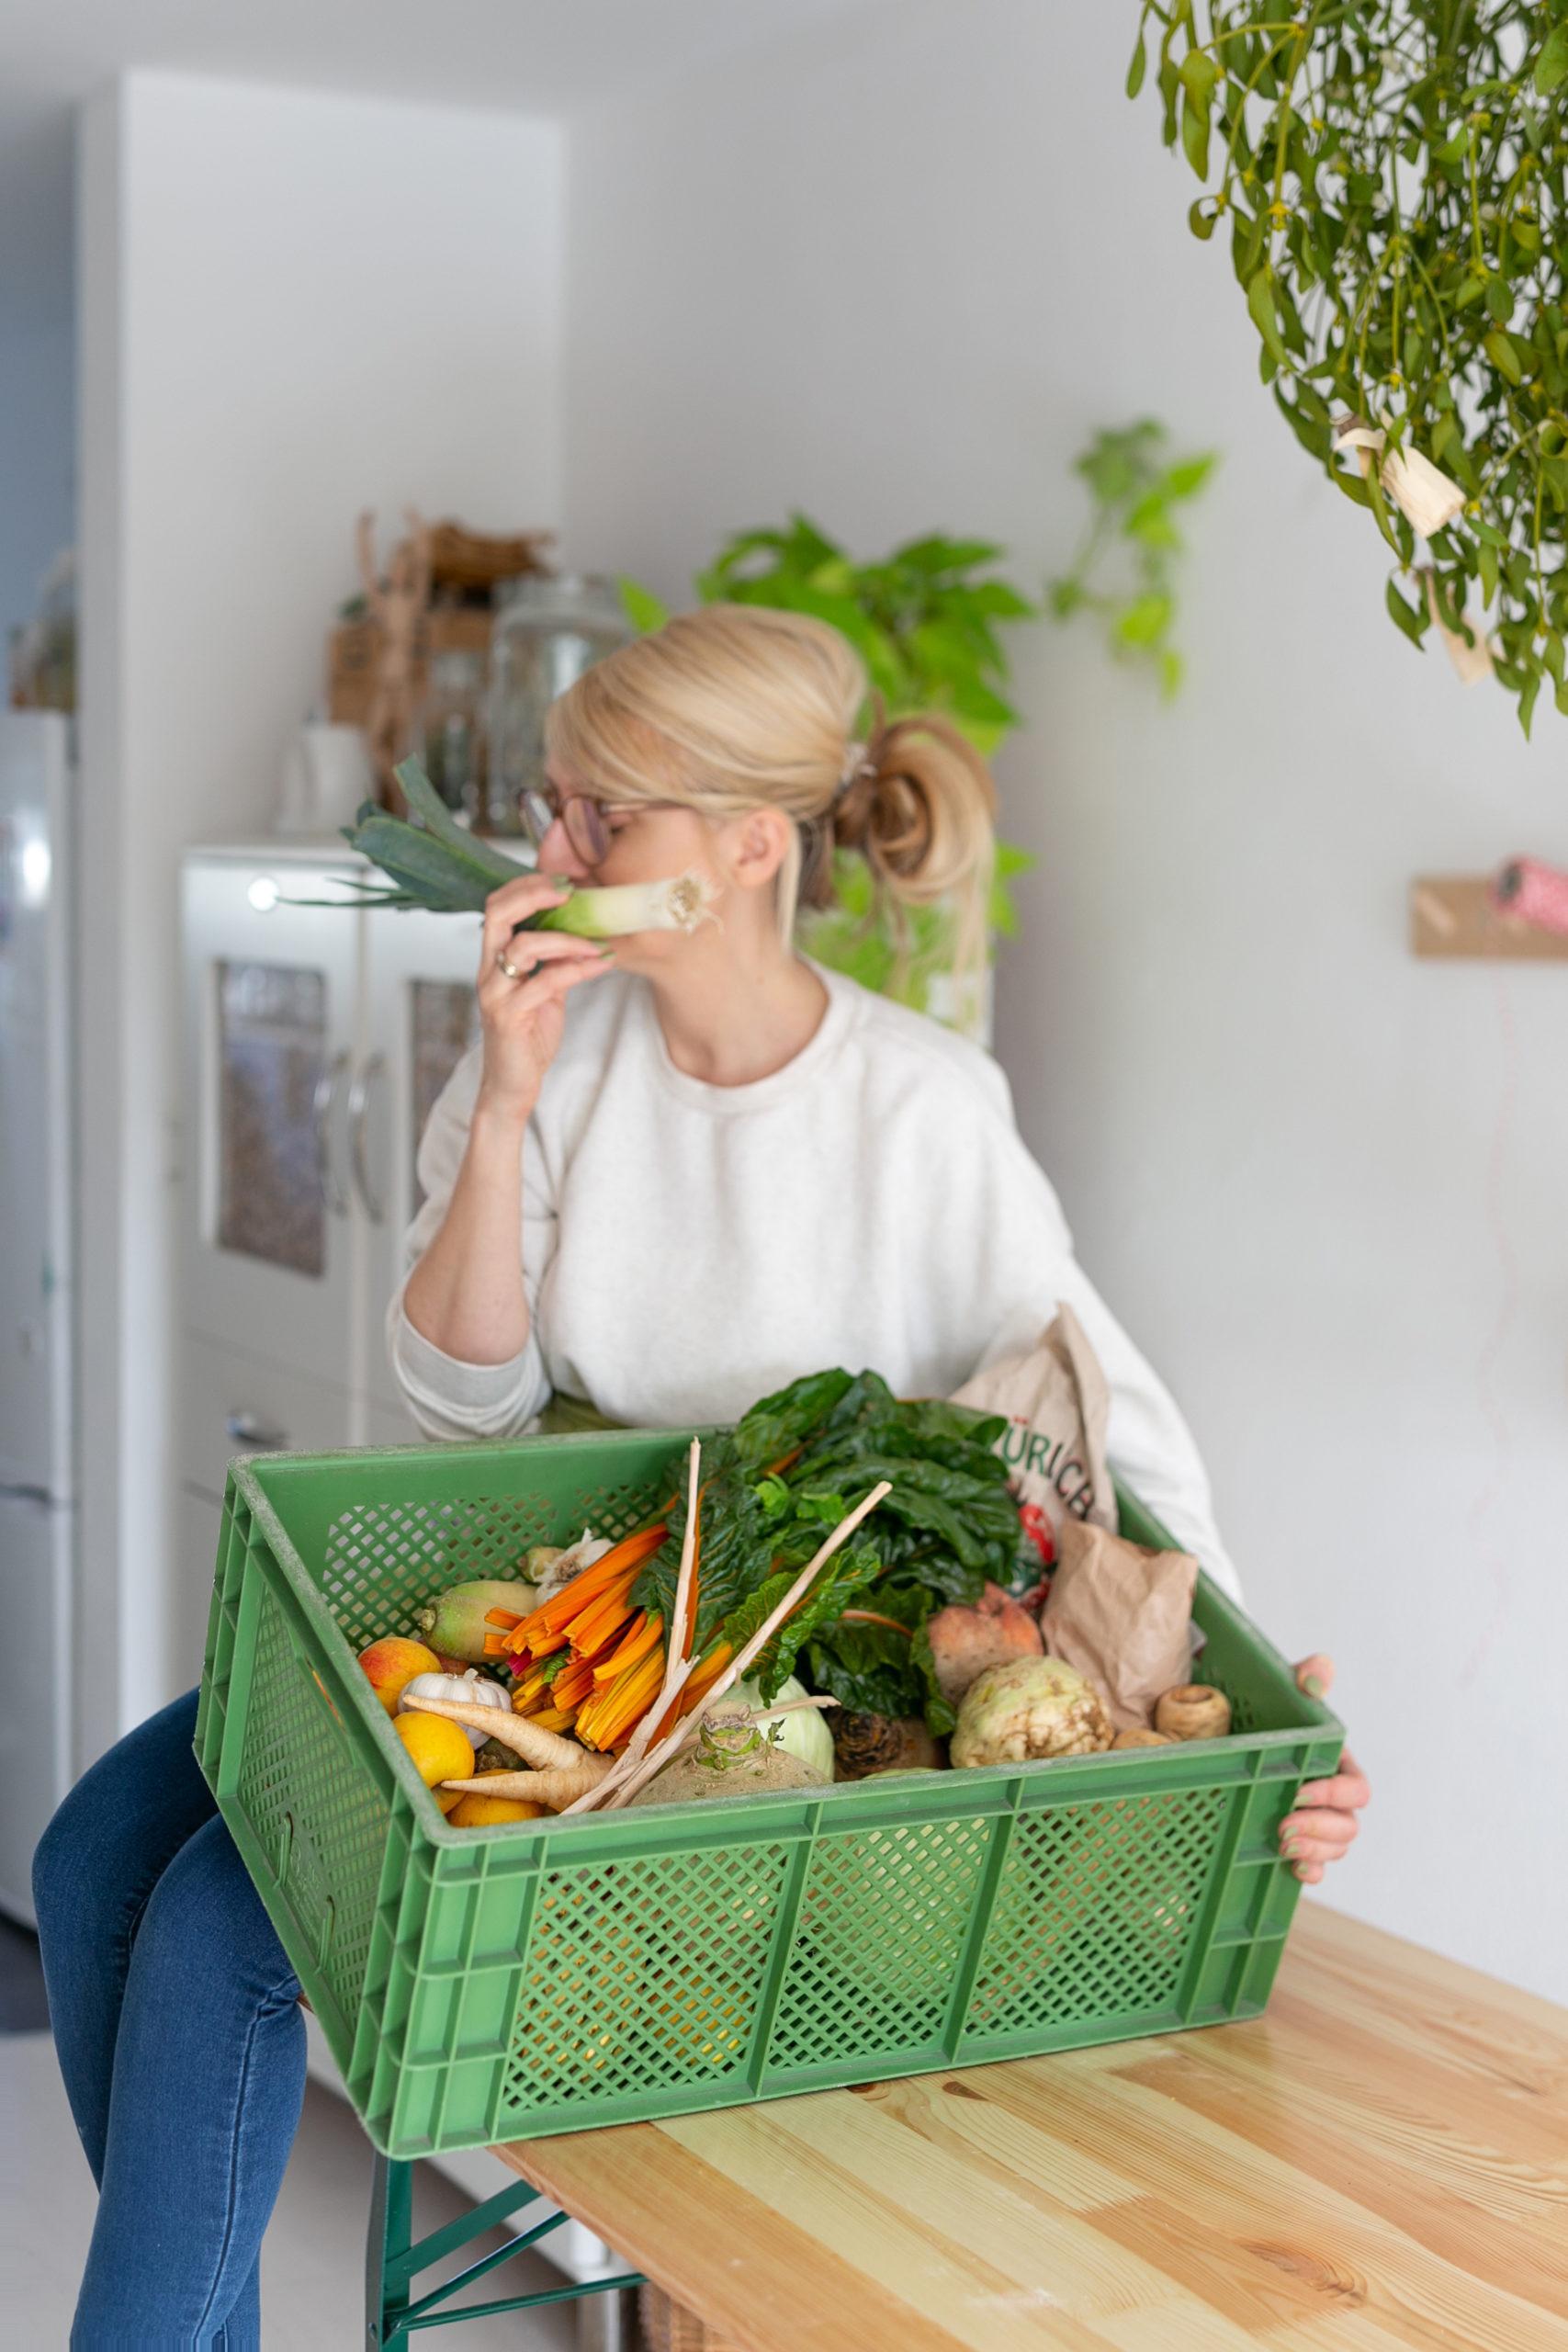 Syl loves und Gemuese Kiste mit Gemüse für Steckrübe Schnitzel